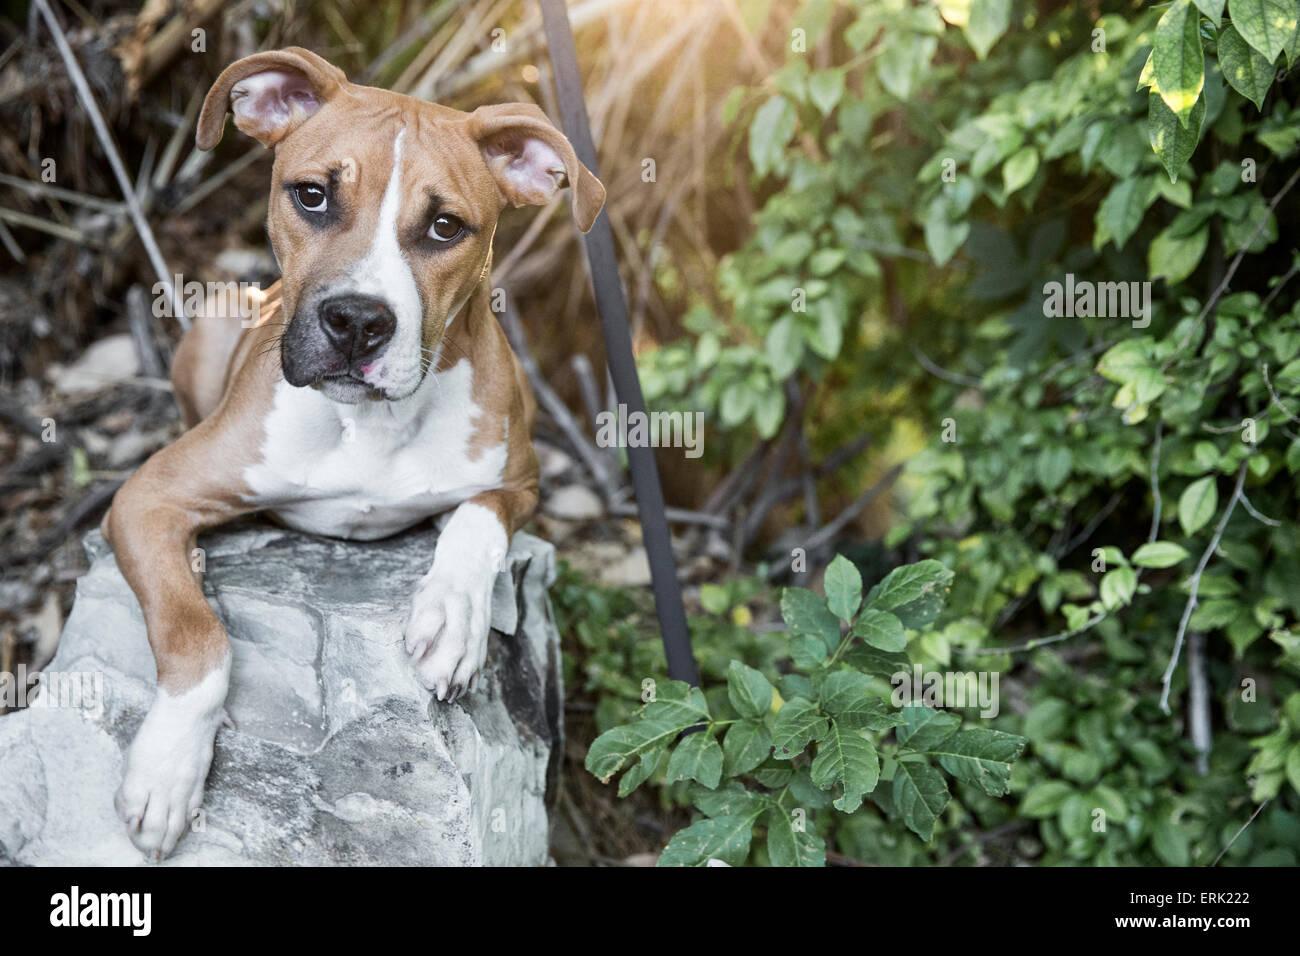 Ritratto di marrone chiaro cucciolo bianco recante su di una roccia in scena ricca di piante verdi e il fogliame Immagini Stock